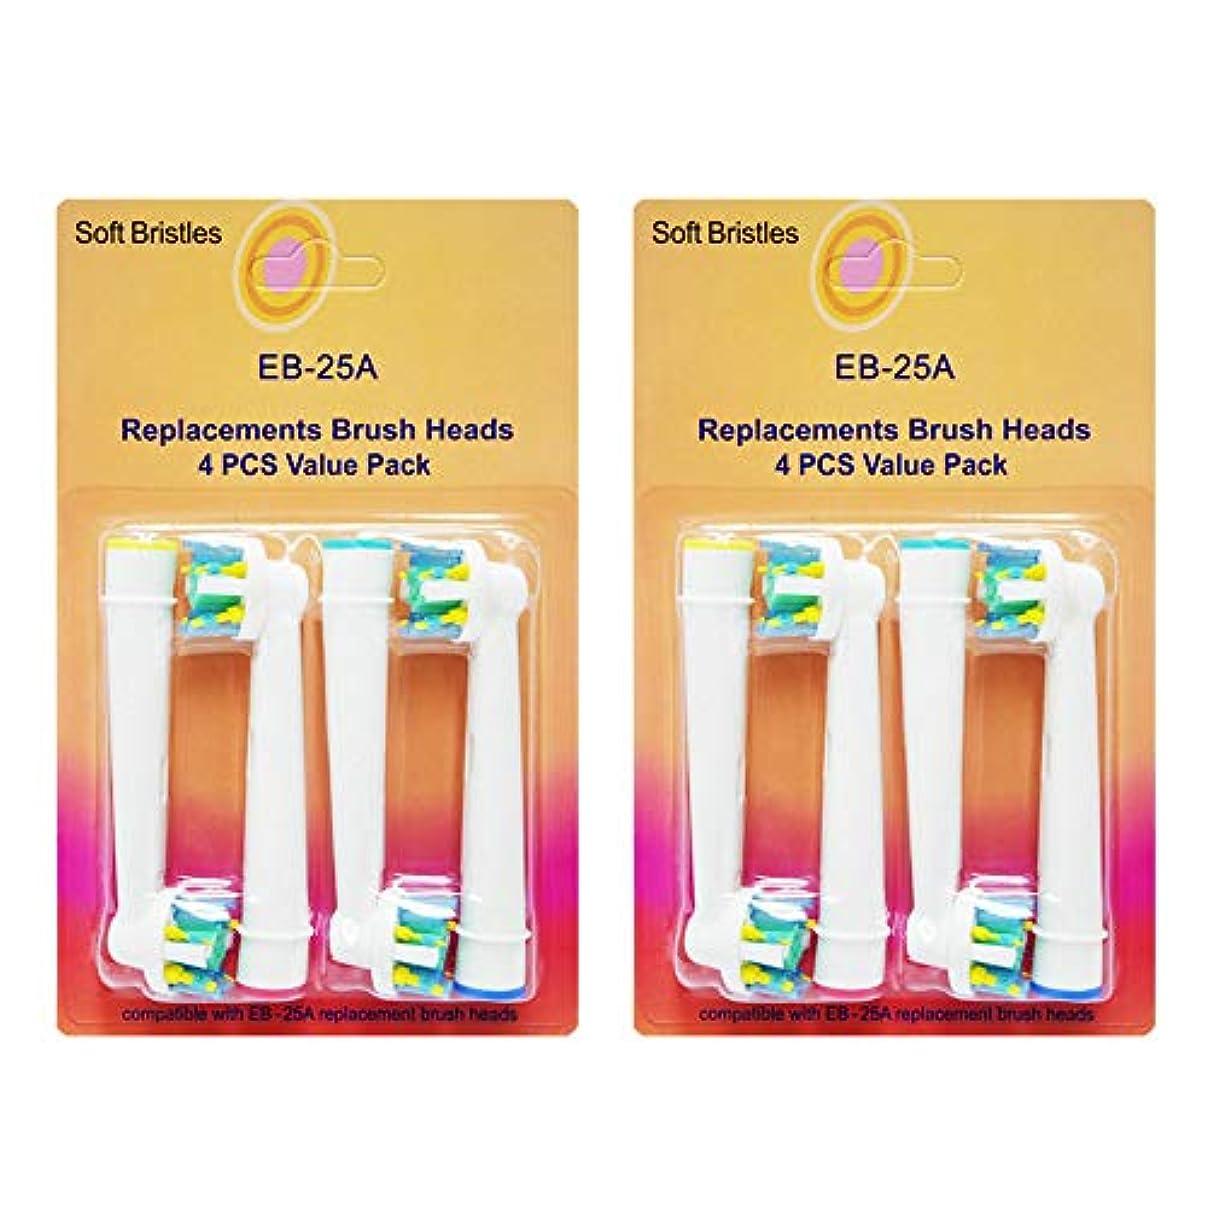 クルーズ活発ホストブラウン BRAUN オーラルB 対応 歯間ワイパー付ブラシ 互換 ブラシ 相当品 歯ブラシ 互換ブラシ (2セット合計8本(4本1セット×2)) アーモロート(amaurot) EB25 EB-25 eb25 eb-25